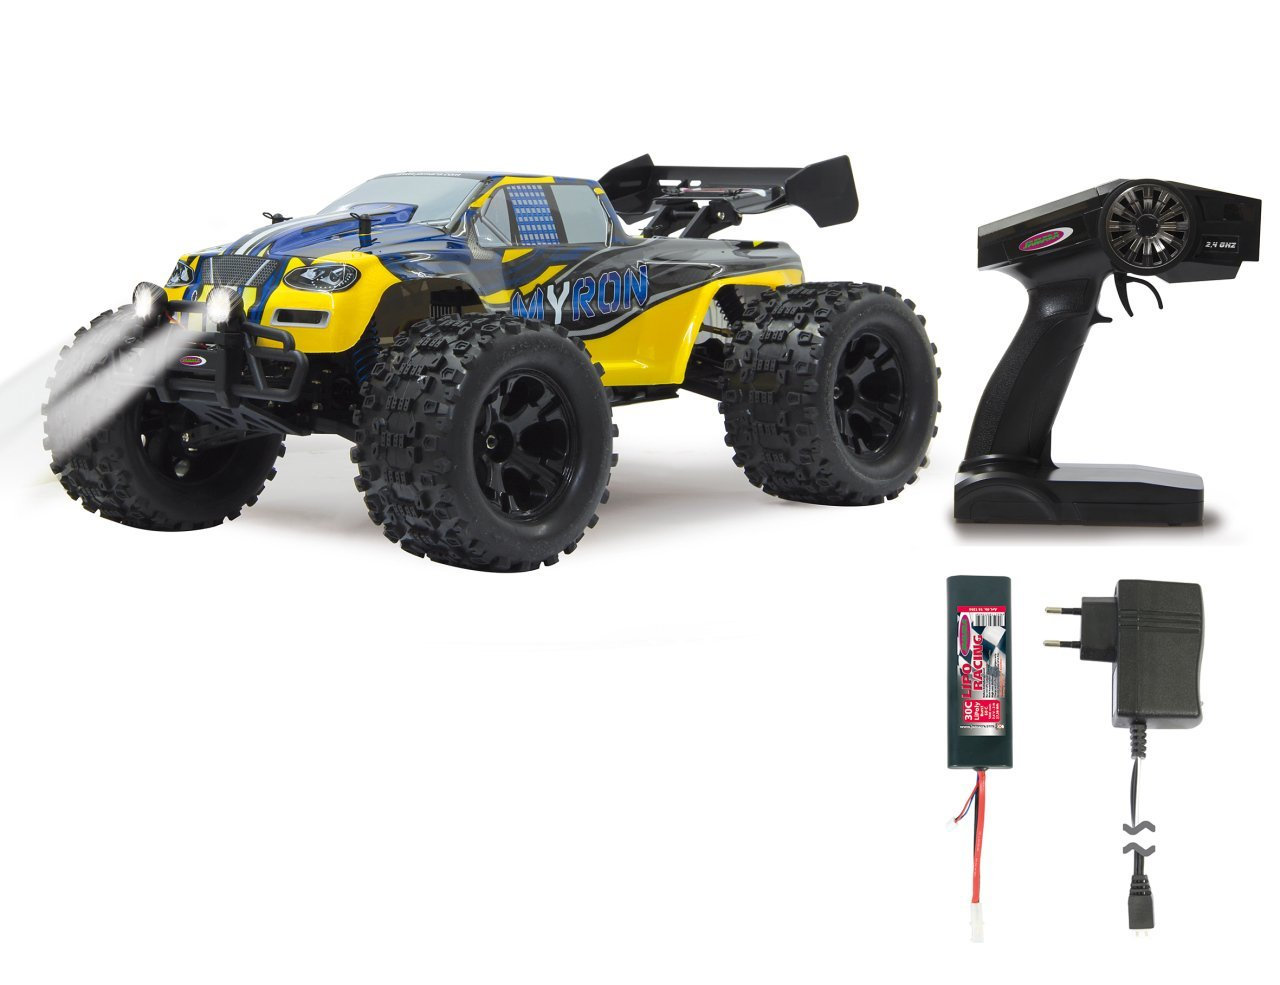 Jamara Myron Monstertruck - 053365 Radiovadāmā rotaļlieta